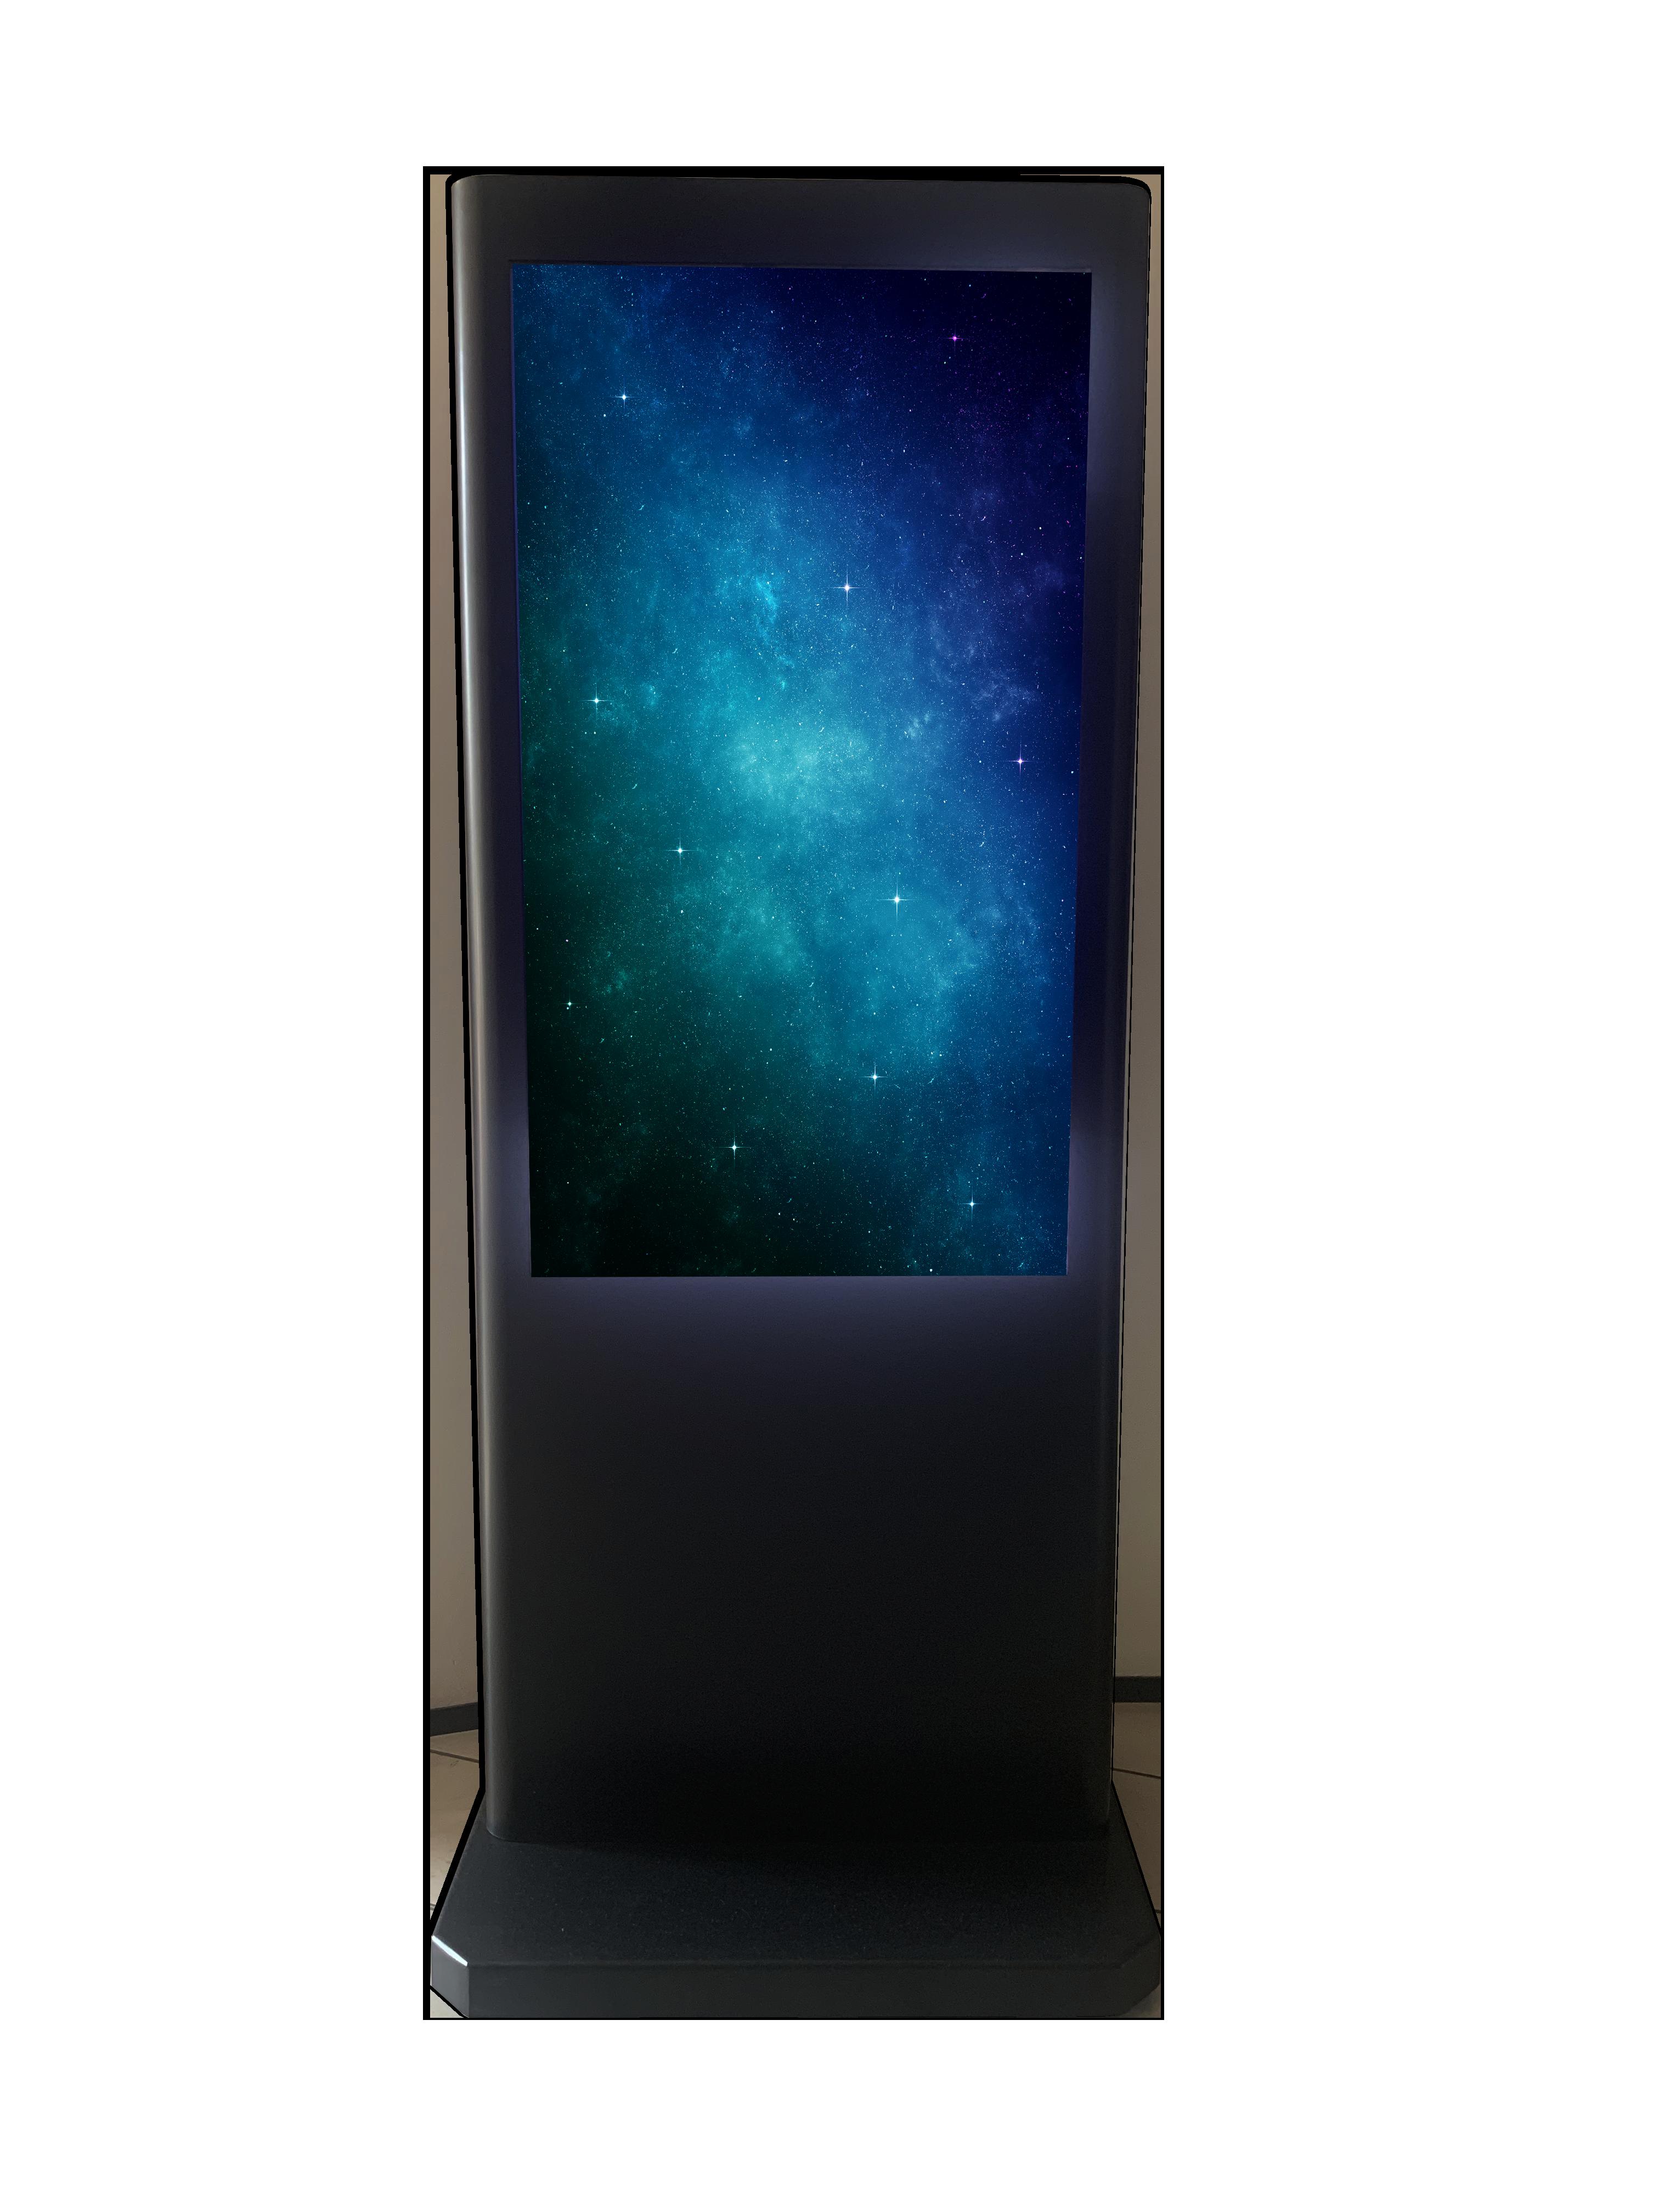 DWPRO DWPRO Stardust - Totem mobile d´affichage dynamique 49´´